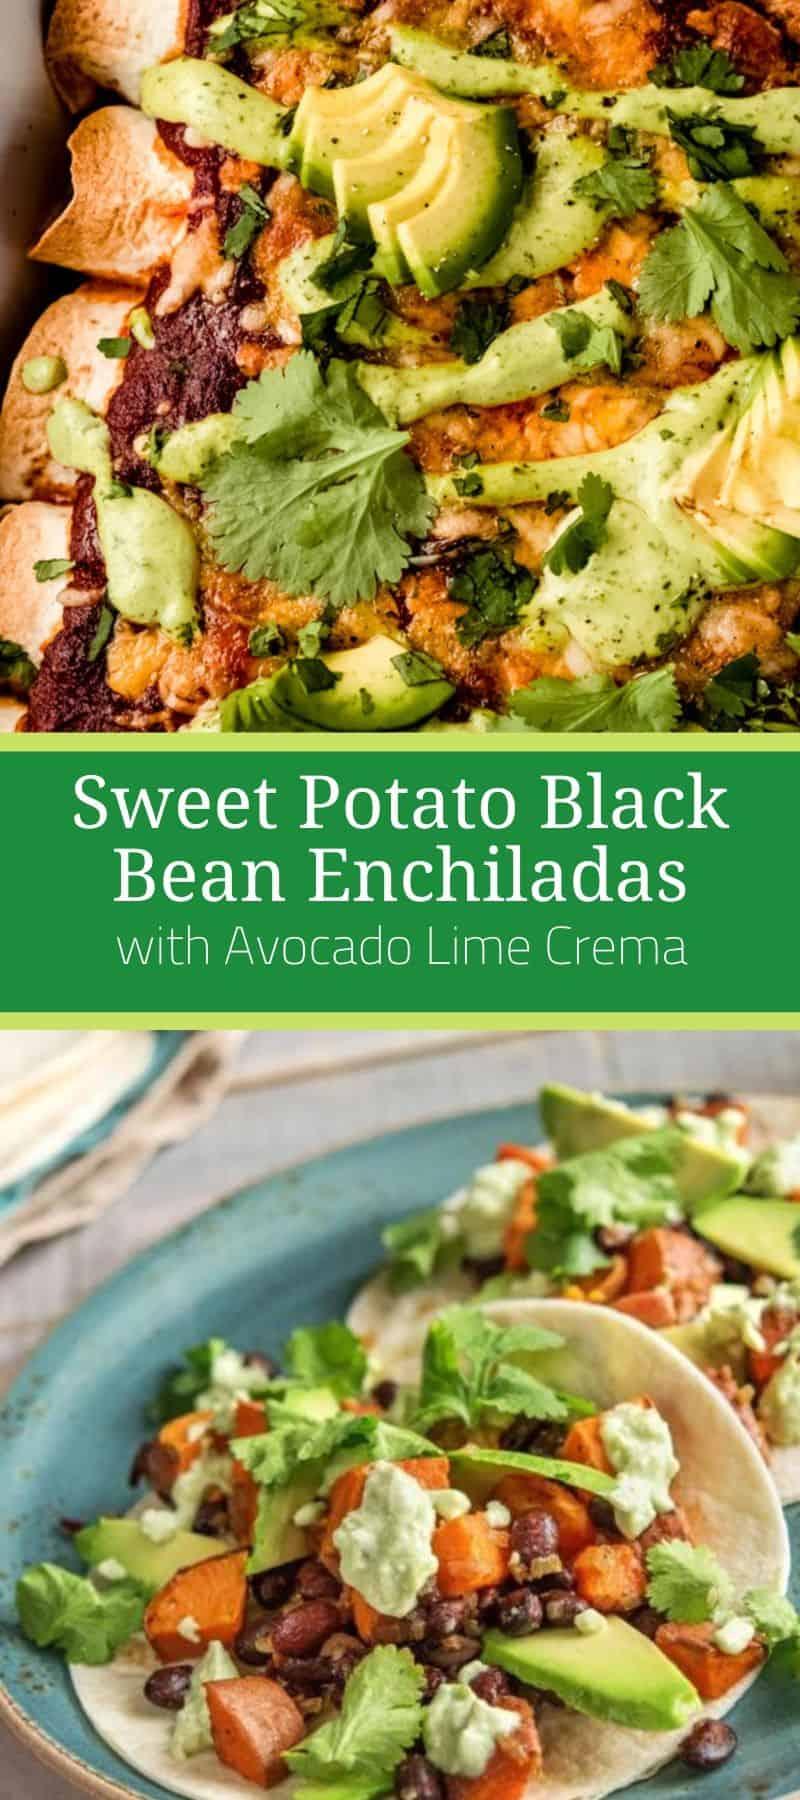 Sweet Potato Black Bean Enchiladas with Avocado Lime Crema 3